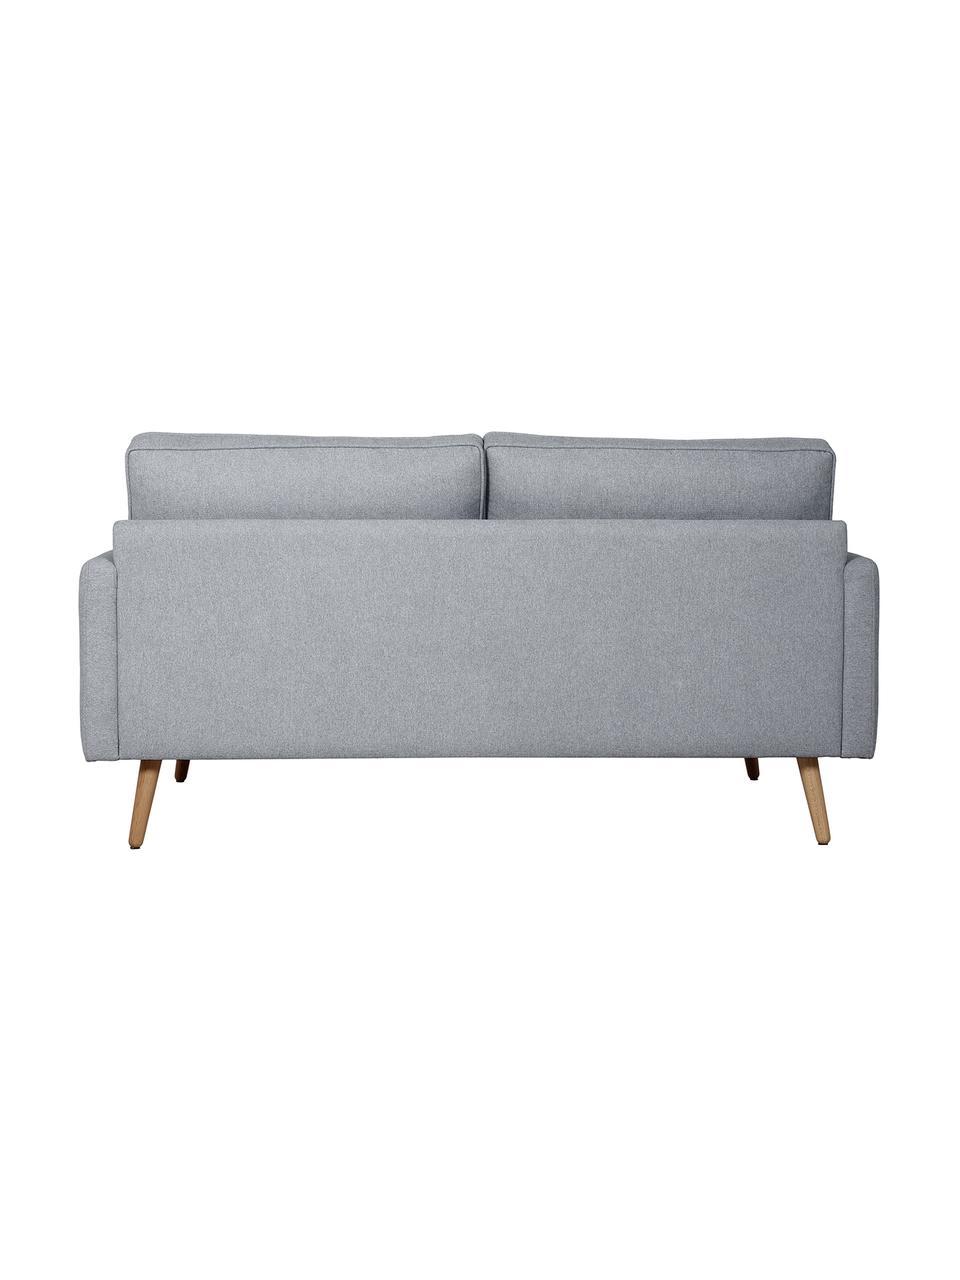 Sofa z nogami z drewna dębowego Saint (2-osobowa), Tapicerka: poliester Dzięki tkaninie, Niebieskoszary, S 169 x G 93 cm